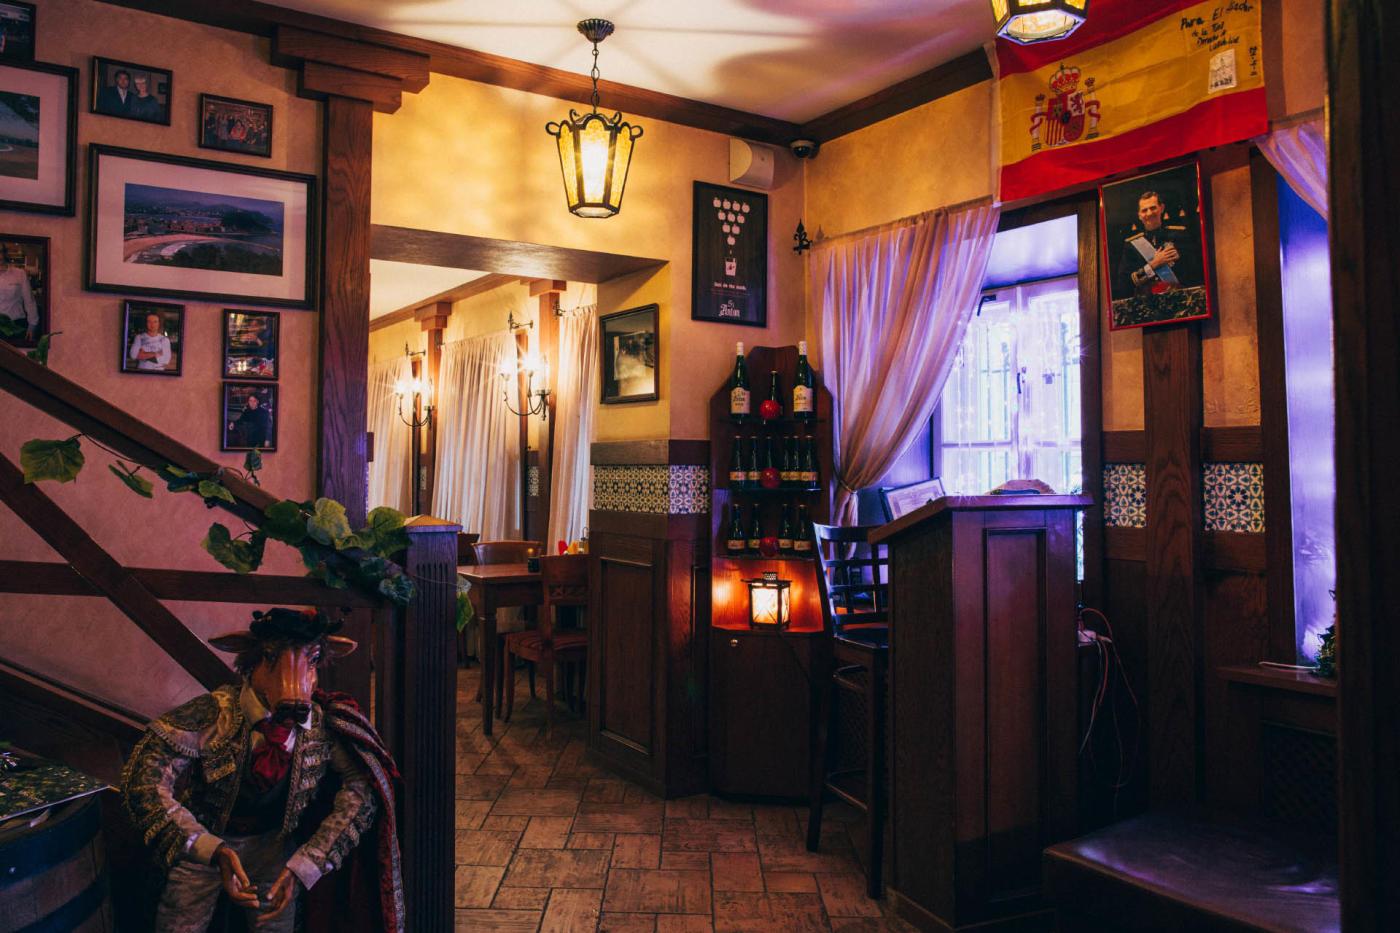 Ресторан El Asador (Эль Асадор) фото 12